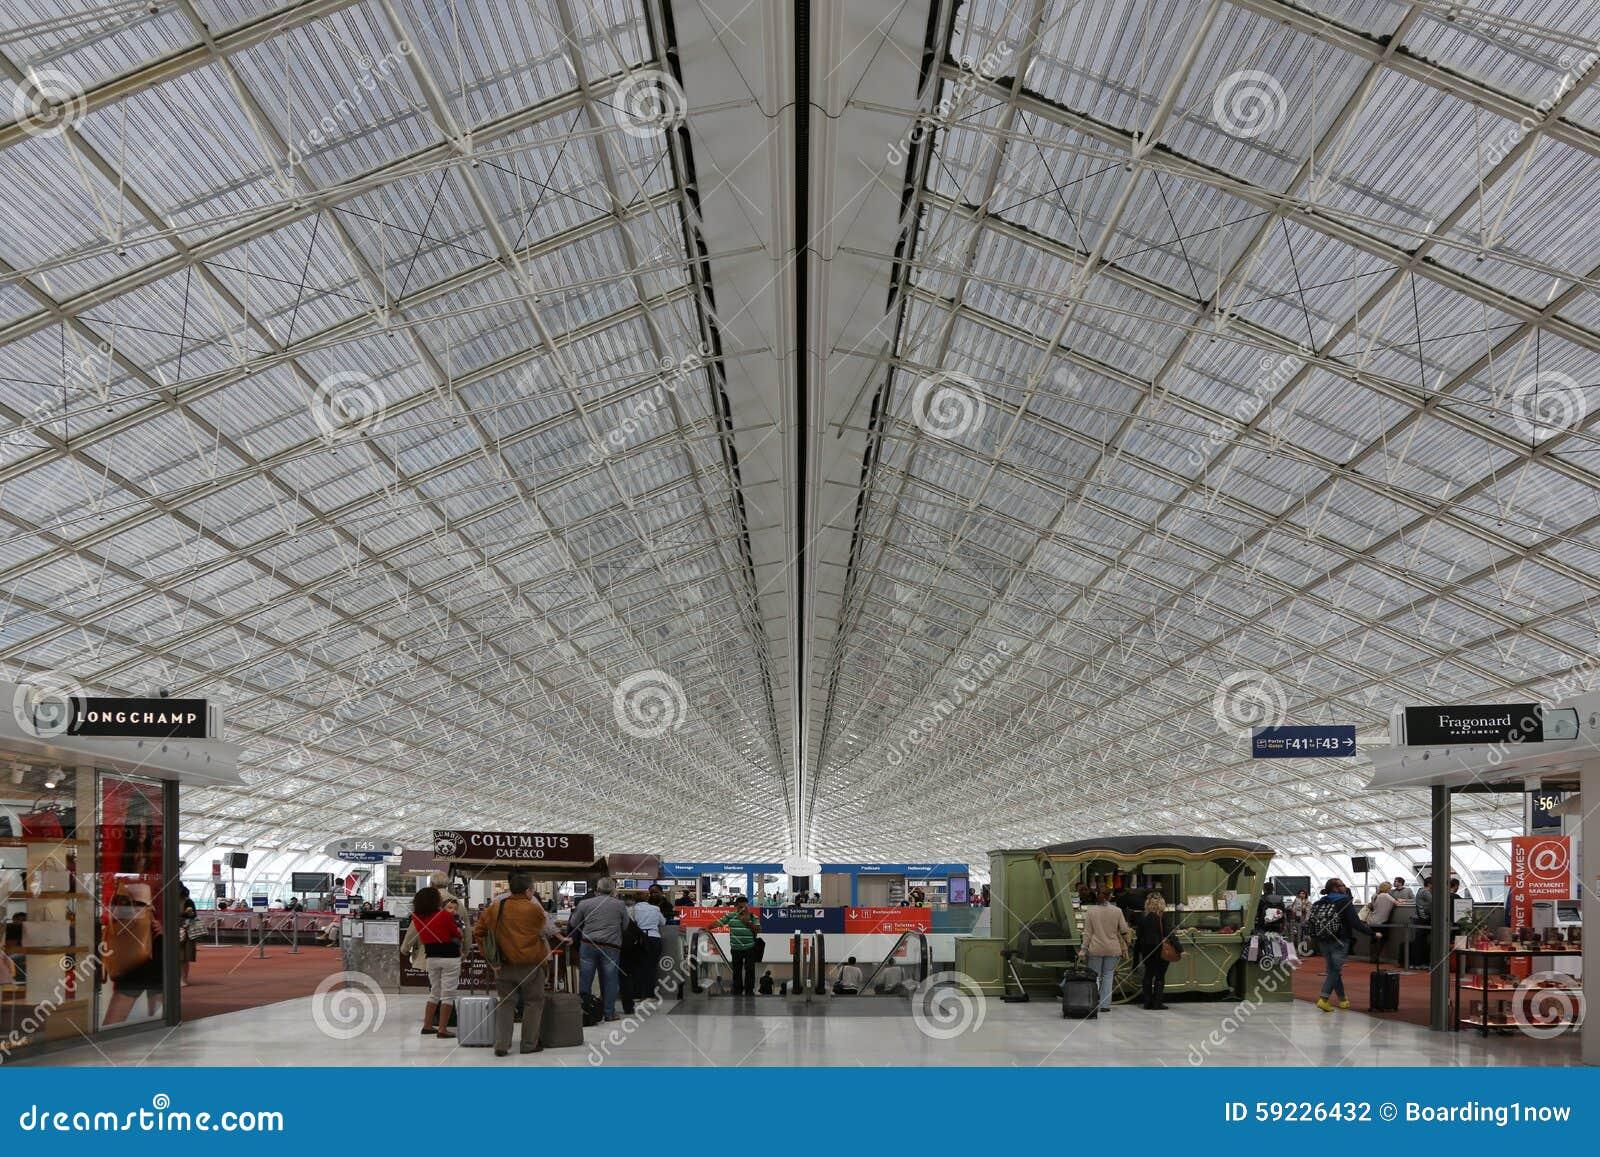 Aeropuerto terminal de París Charles de Gaulle CDG